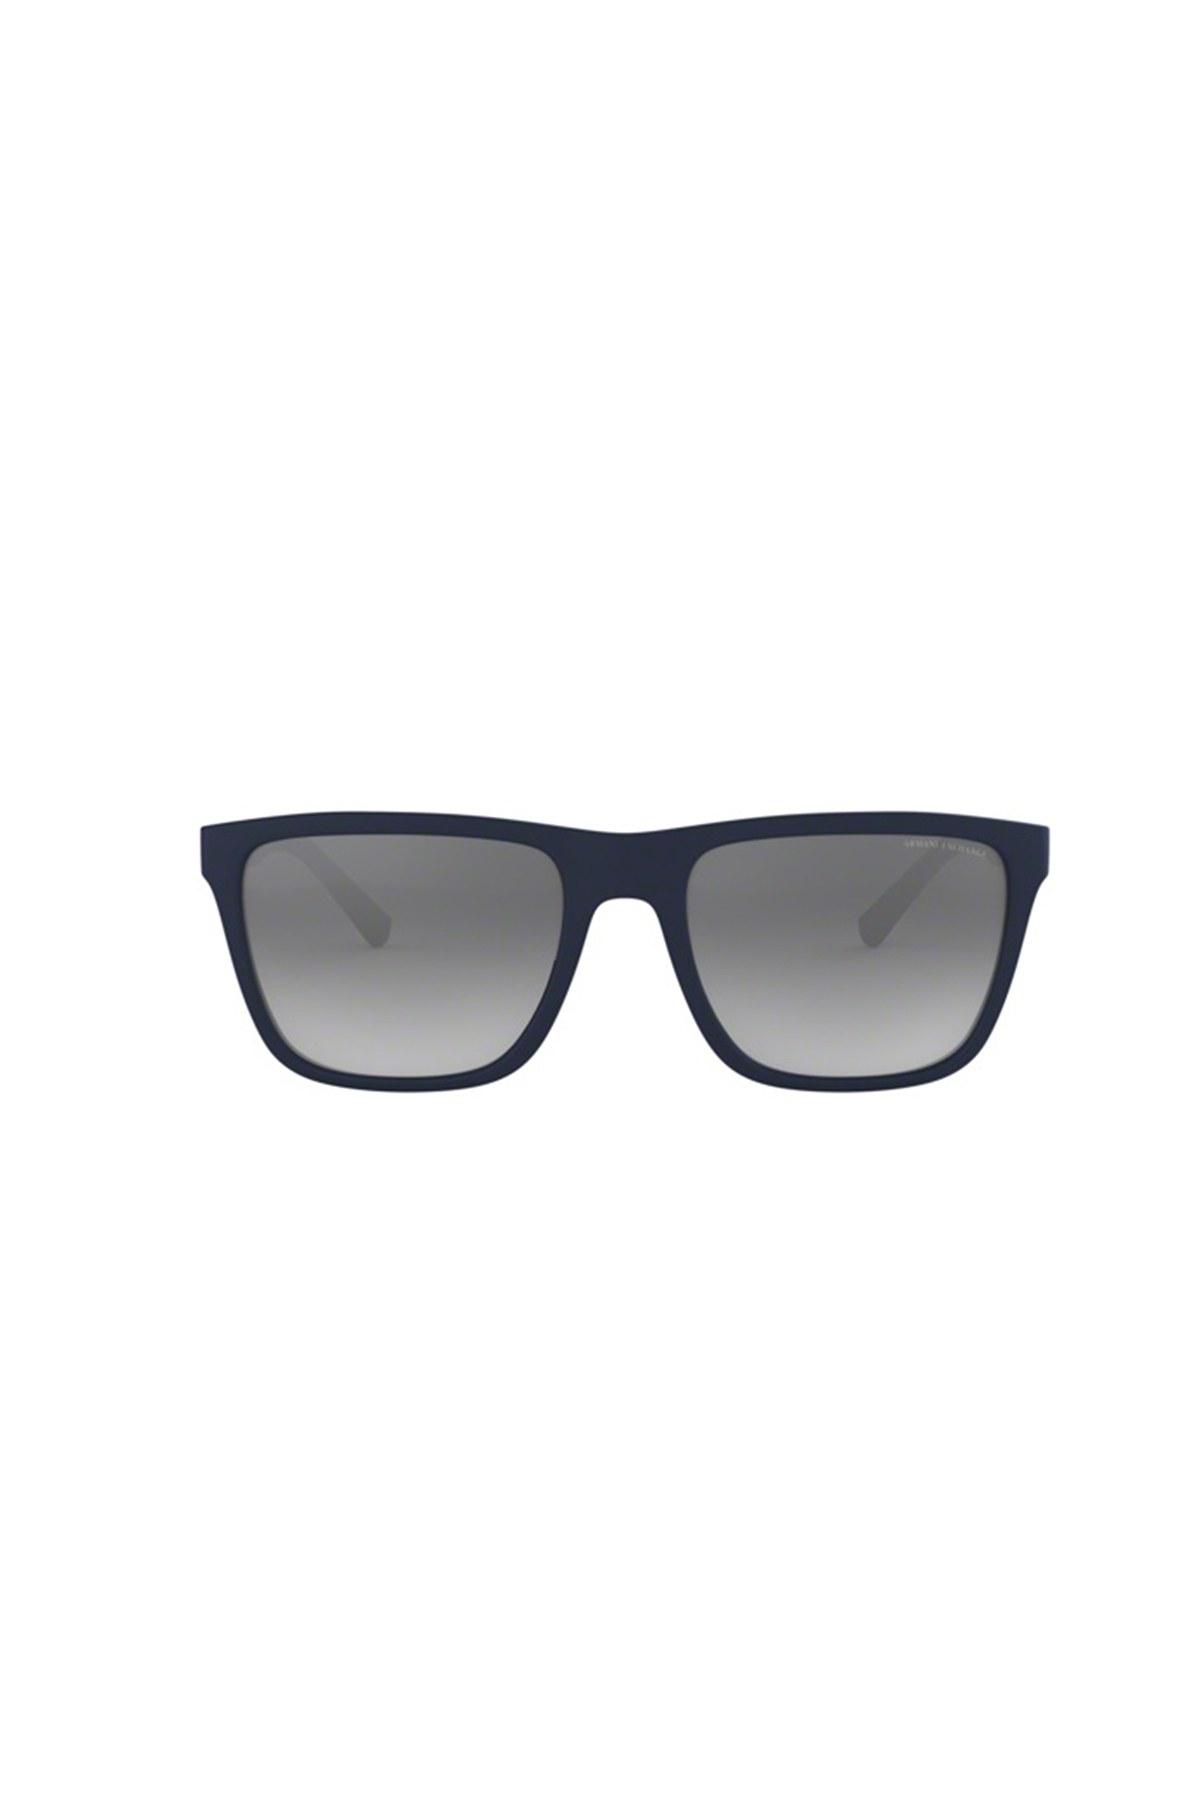 Armani Exchange Aynalı Erkek Gözlük 0AX4080S 82786G 57 LACİVERT